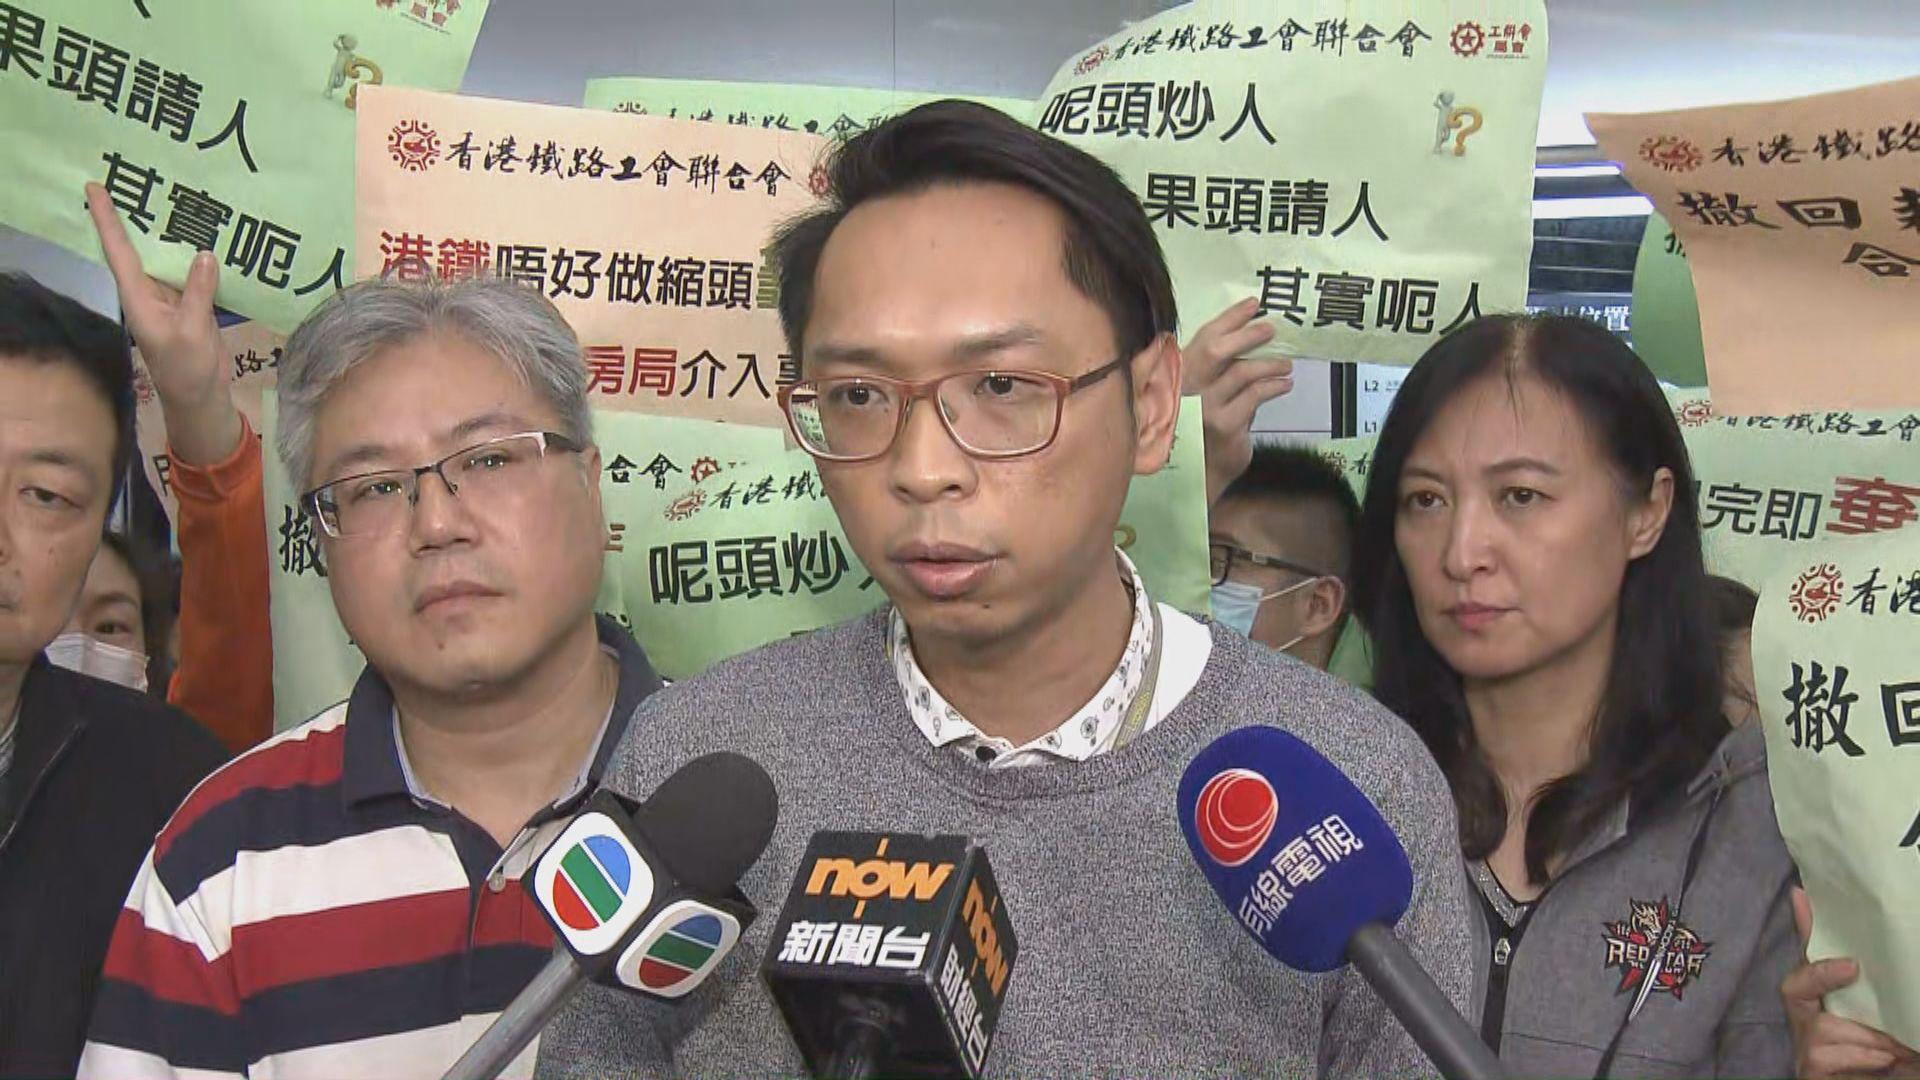 高鐵外判工遭解僱 工會指涉200人